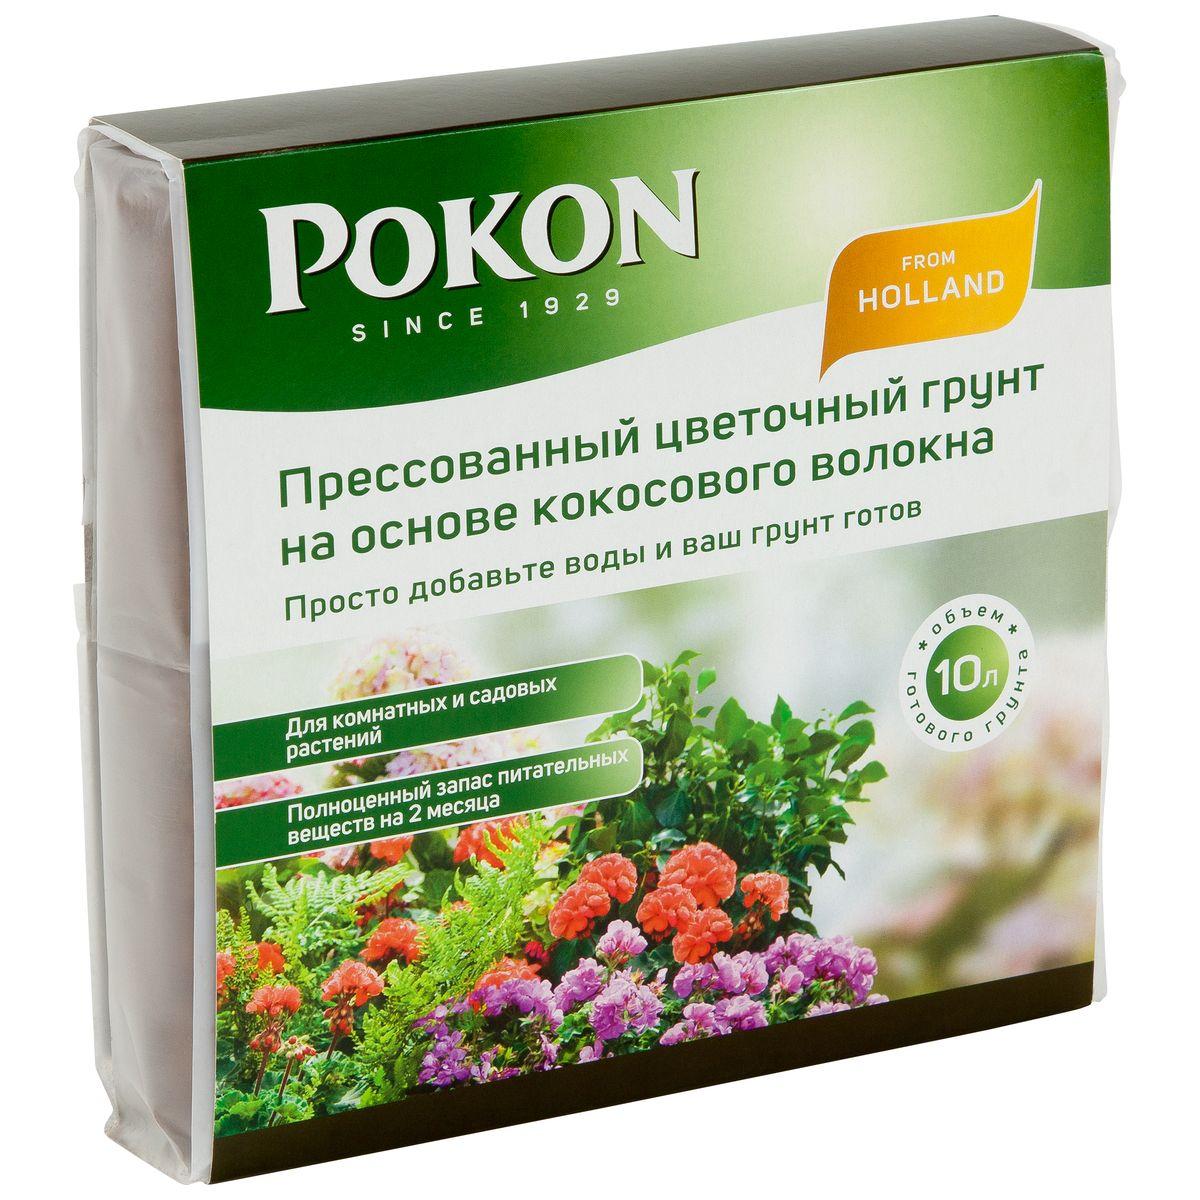 Прессованный цветочный грунт Pokon на основе кокосового волокна, 650 г8711969015951Прессованный цветочный грунт Pokon на основе кокосового волокна: Горшечный грунт Pokon состоит из кокосового волокна. Это на 100% натуральная, экологически чистая прессованная смесь с запасом питательных веществ для горшечных растений на 2 месяца. В грунте нет никаких сорняков. Он идеален для горшечных растений. Пористая структура кокосового волокна, хорошо пропускающая воздух, позволяет корням быстро развиваться, а ваши руки всегда остаются чистыми. Инструкция по применению - Откройте упаковку, добавьте 3 л воды. - Через несколько минут грунт готов к использованию. - Положите на дно горшка слой гидрогранул Pokon. - Поверх гидрогранул насыпьте слой грунта. - Посадите растение в горшок, предварительно увлажнив корни, если они высохли. - Досыпьте грунт, оставив для полива не менее 2 см до верха горшка. - Слегка утрамбуйте грунт. - Обильно полейте. Состав: Размягчаемая в воде прессованная масса из компостированного волокна мягких...